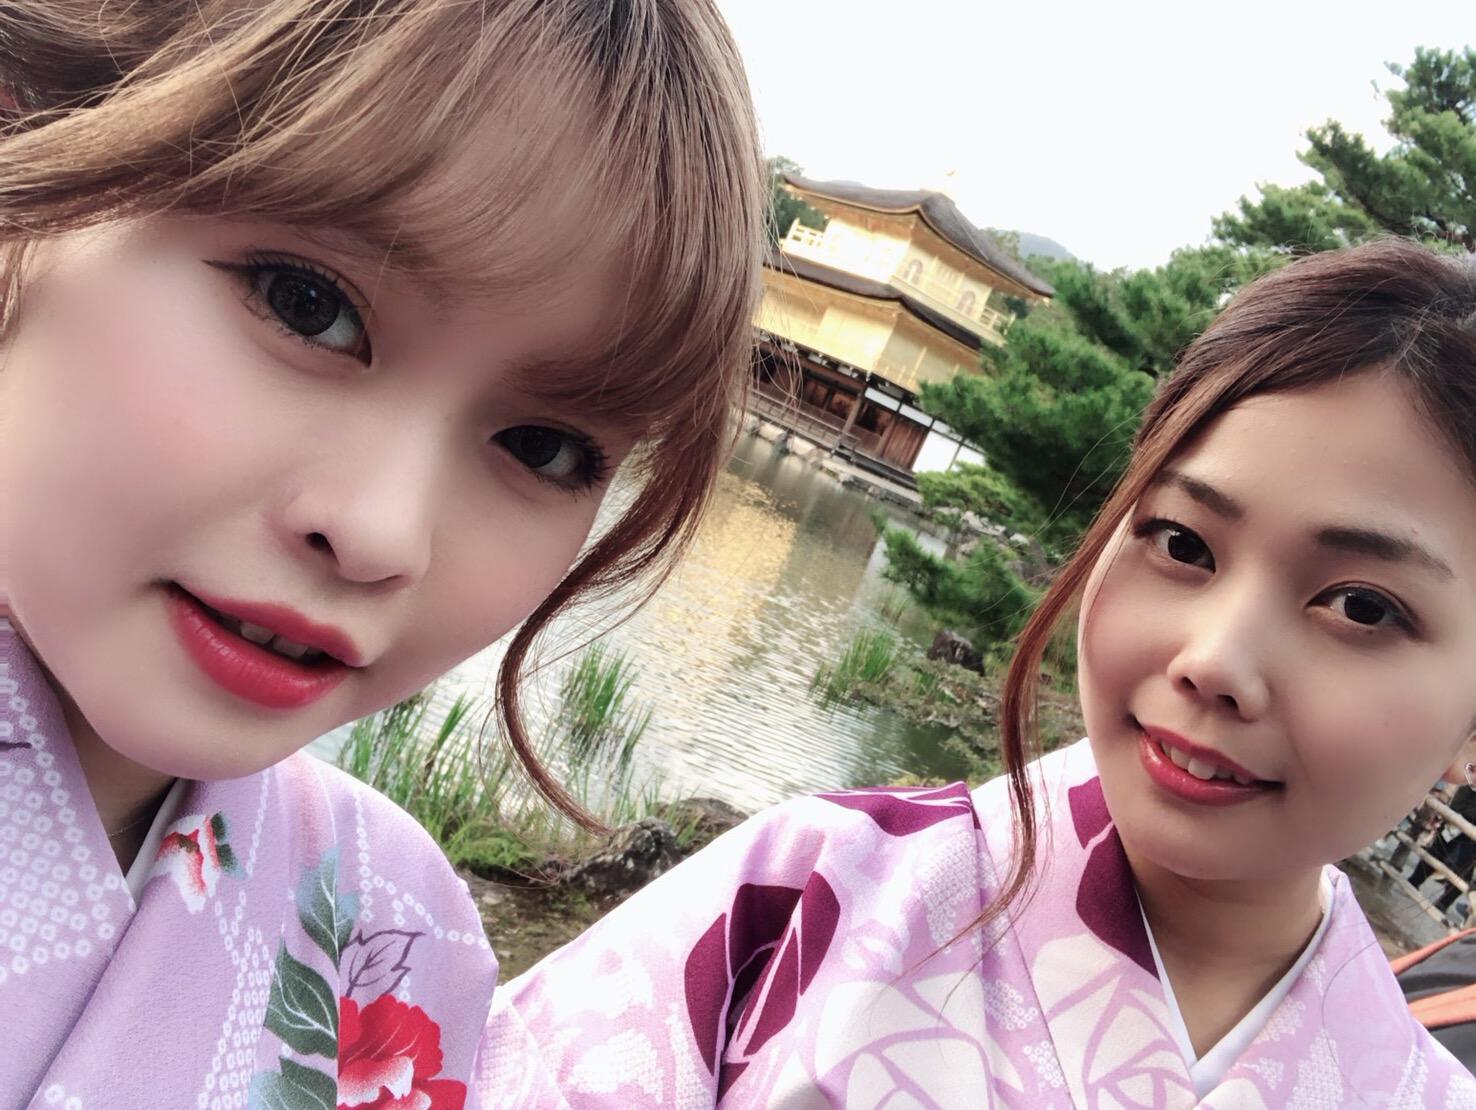 護王神社はいのしし神社とも言われています!2018年10月27日11